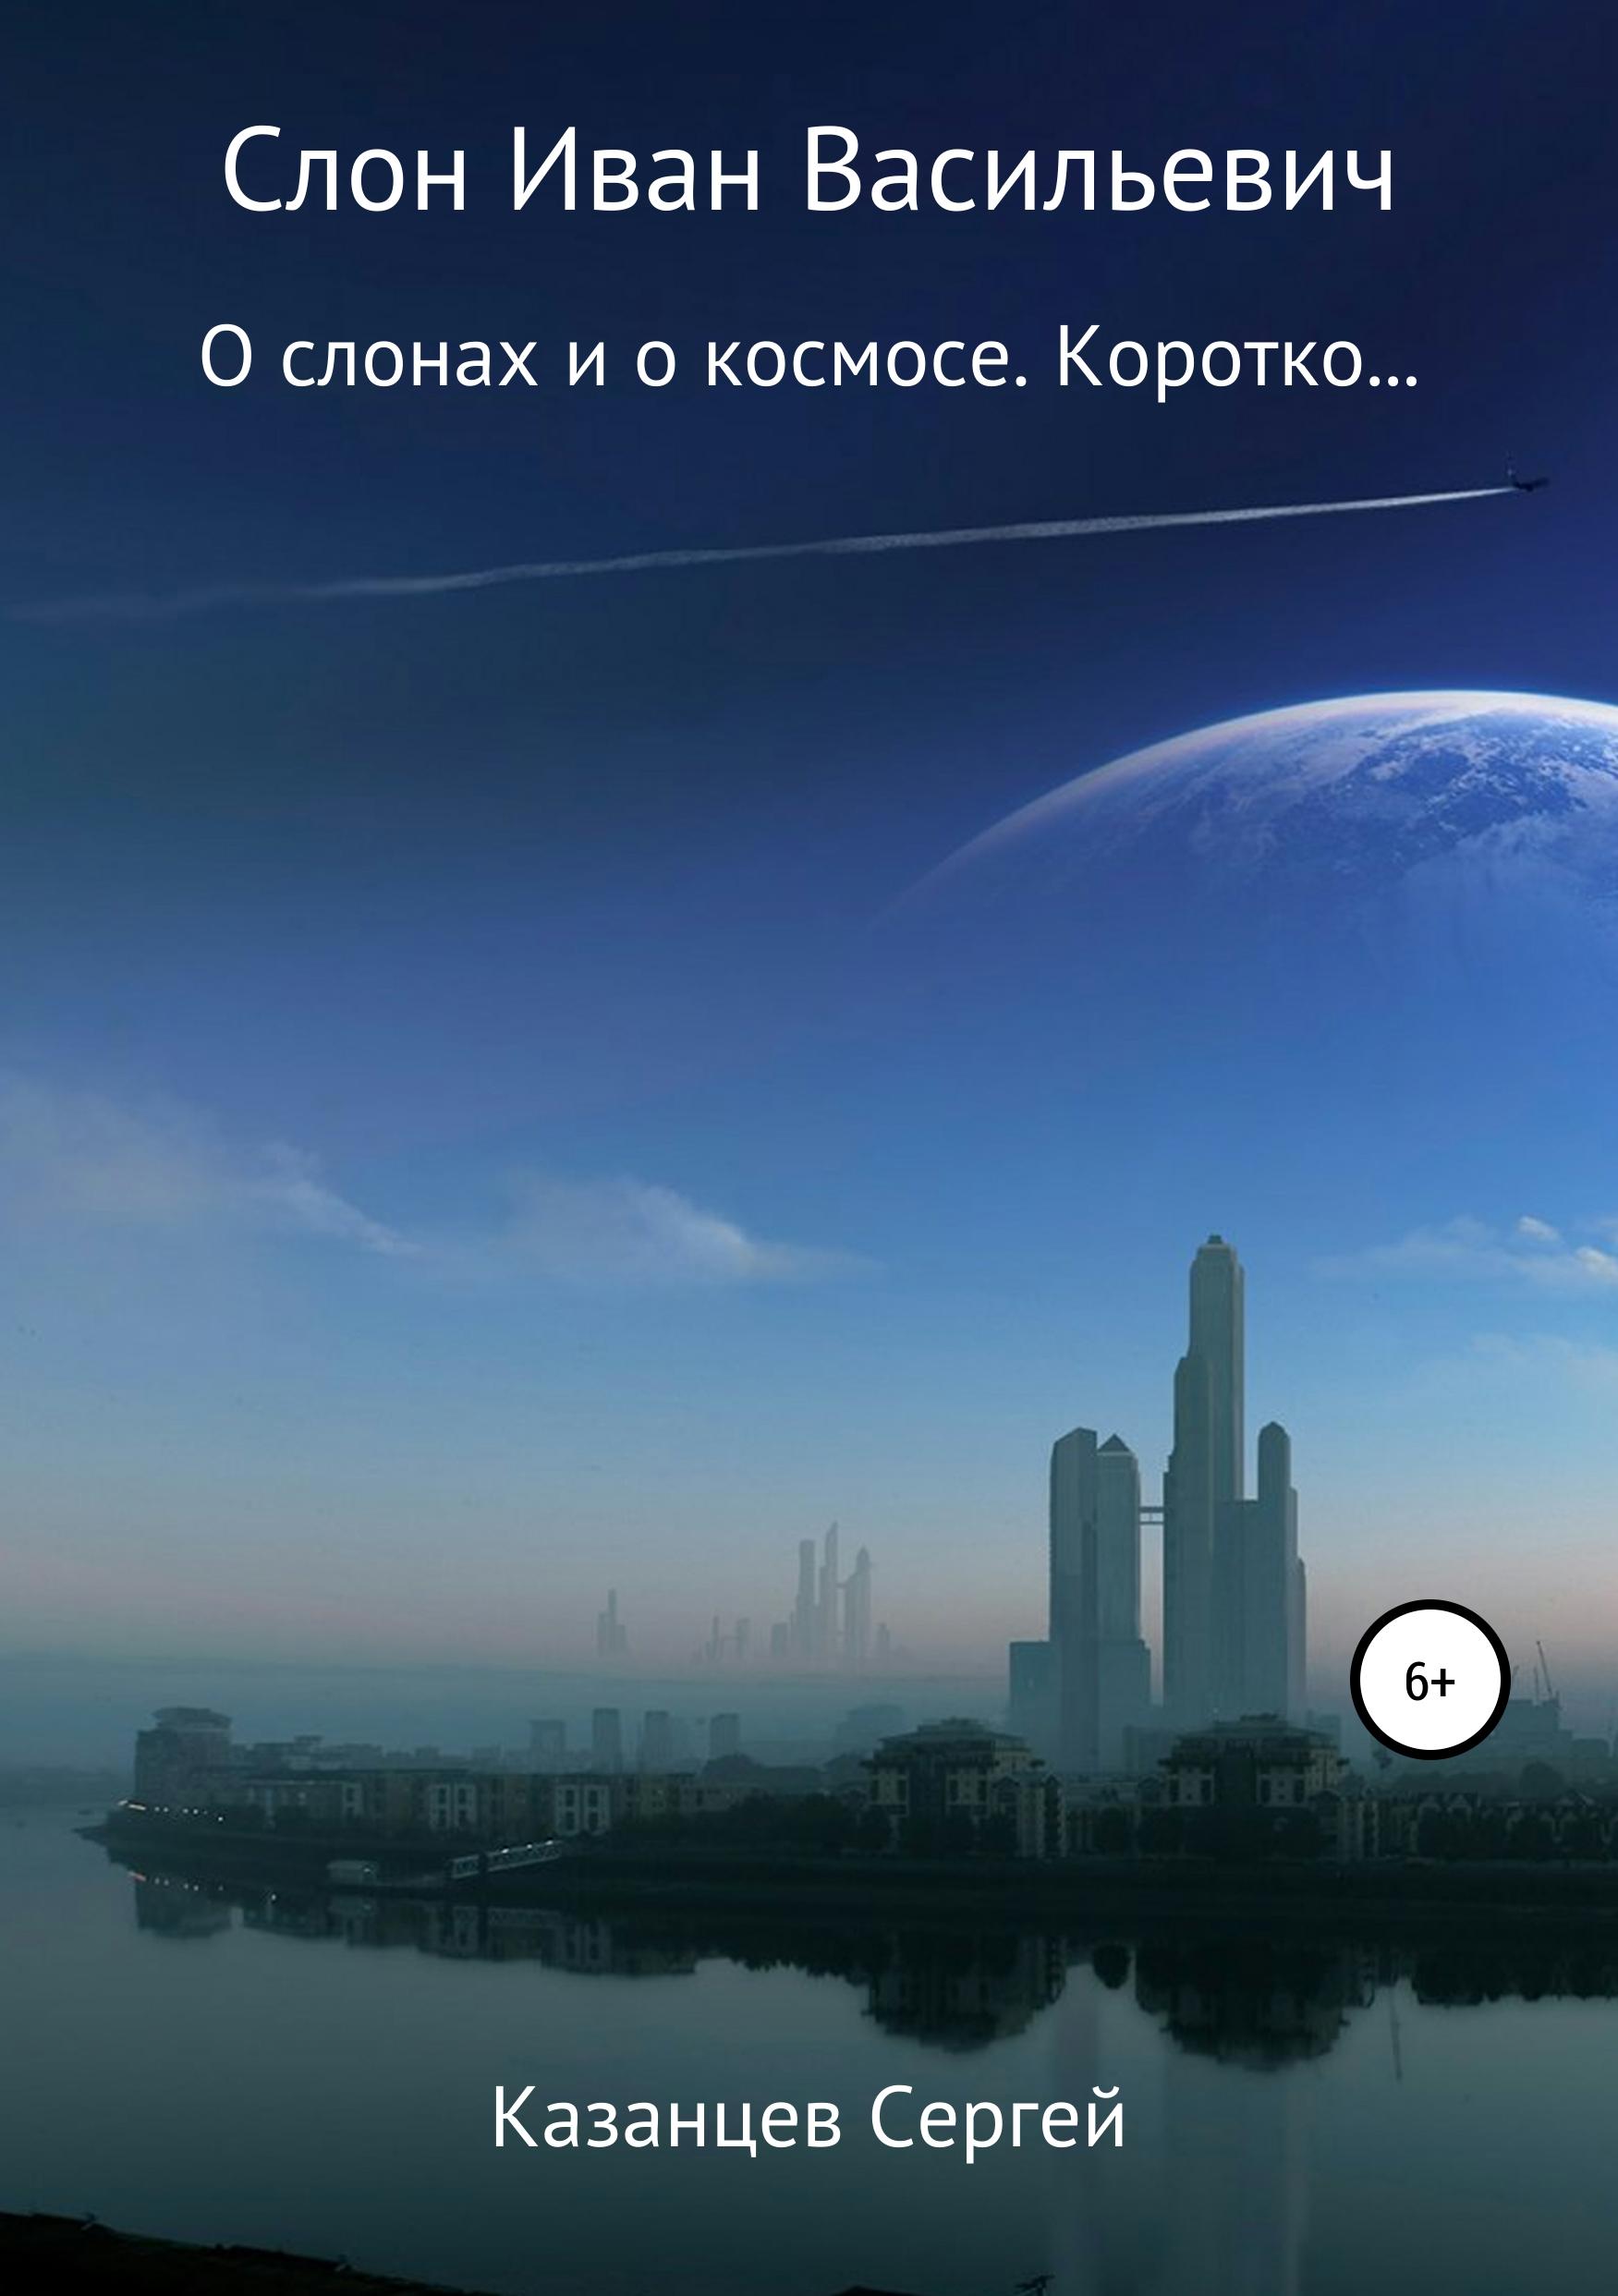 Сергей Николаевич Казанцев Слон Иван Васильевич лысак сергей васильевич характерник